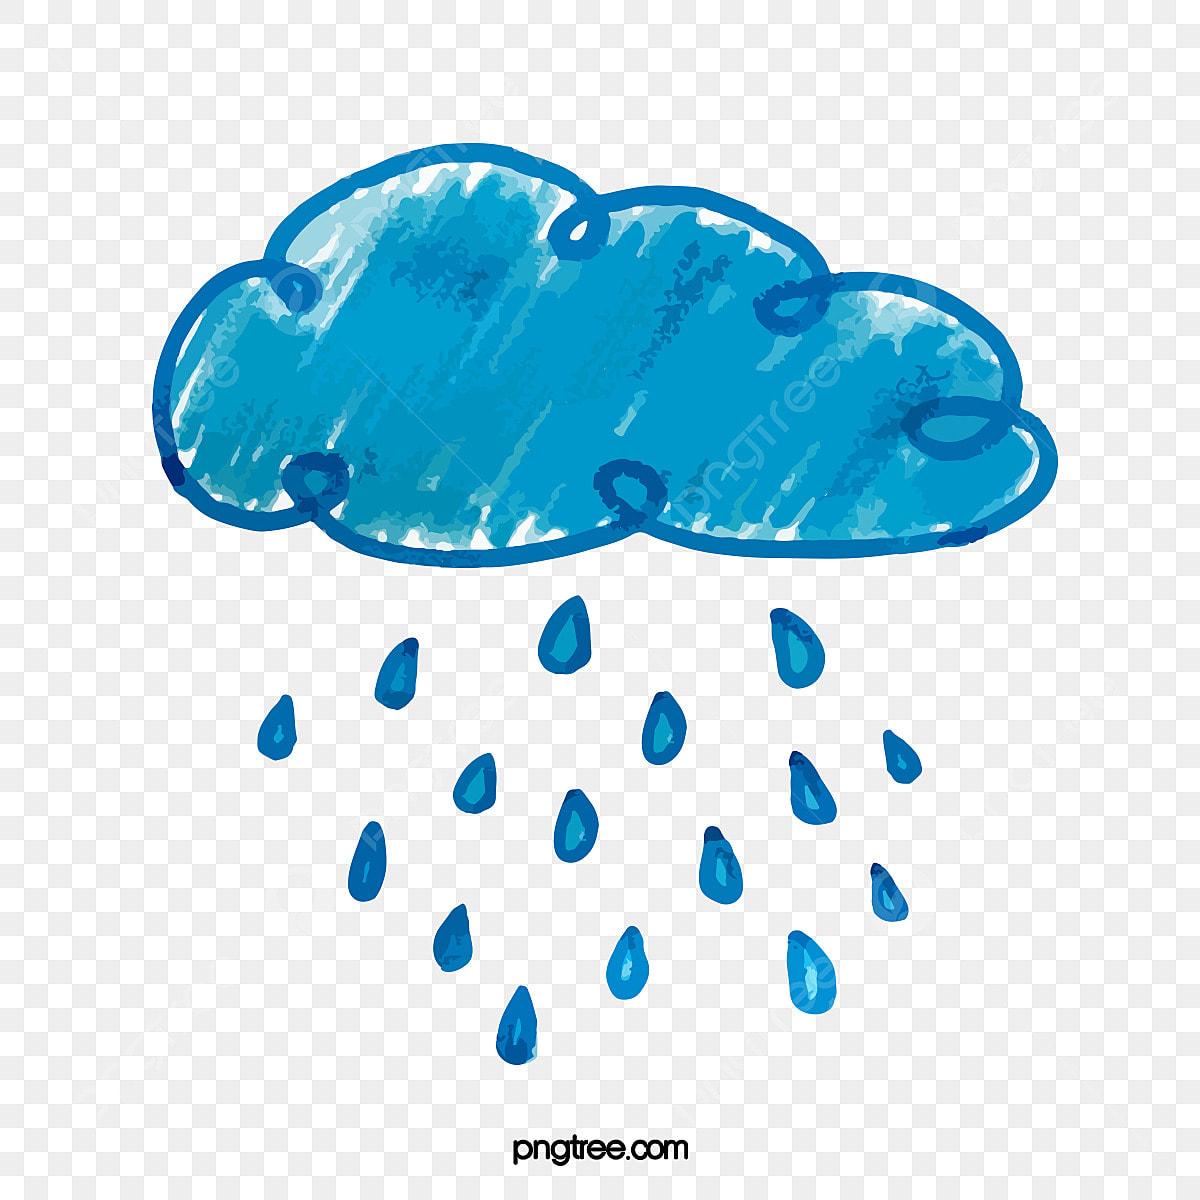 gambar awan hujan air hujan kartun awan hari hujan hujan png dan vektor untuk muat turun percuma https ms pngtree com freepng cartoon watercolor rainy day clouds 5062720 html